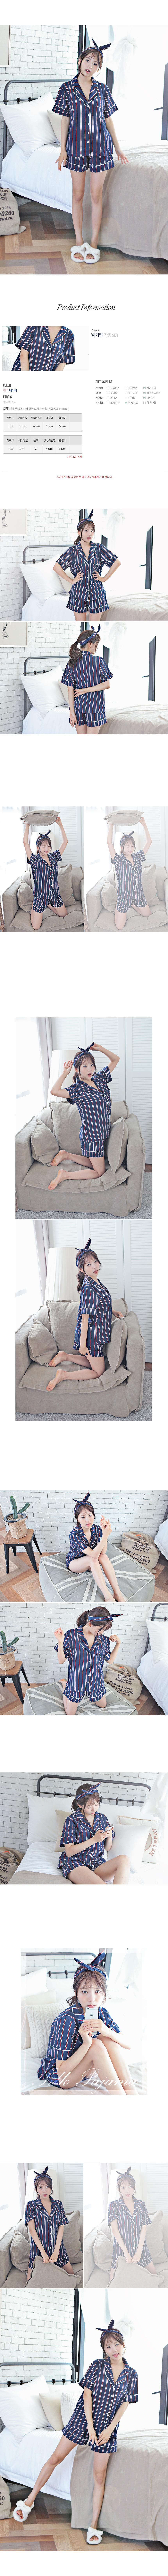 이거찜 잠옷 SET - 로로걸, 25,900원, 잠옷, 여성파자마